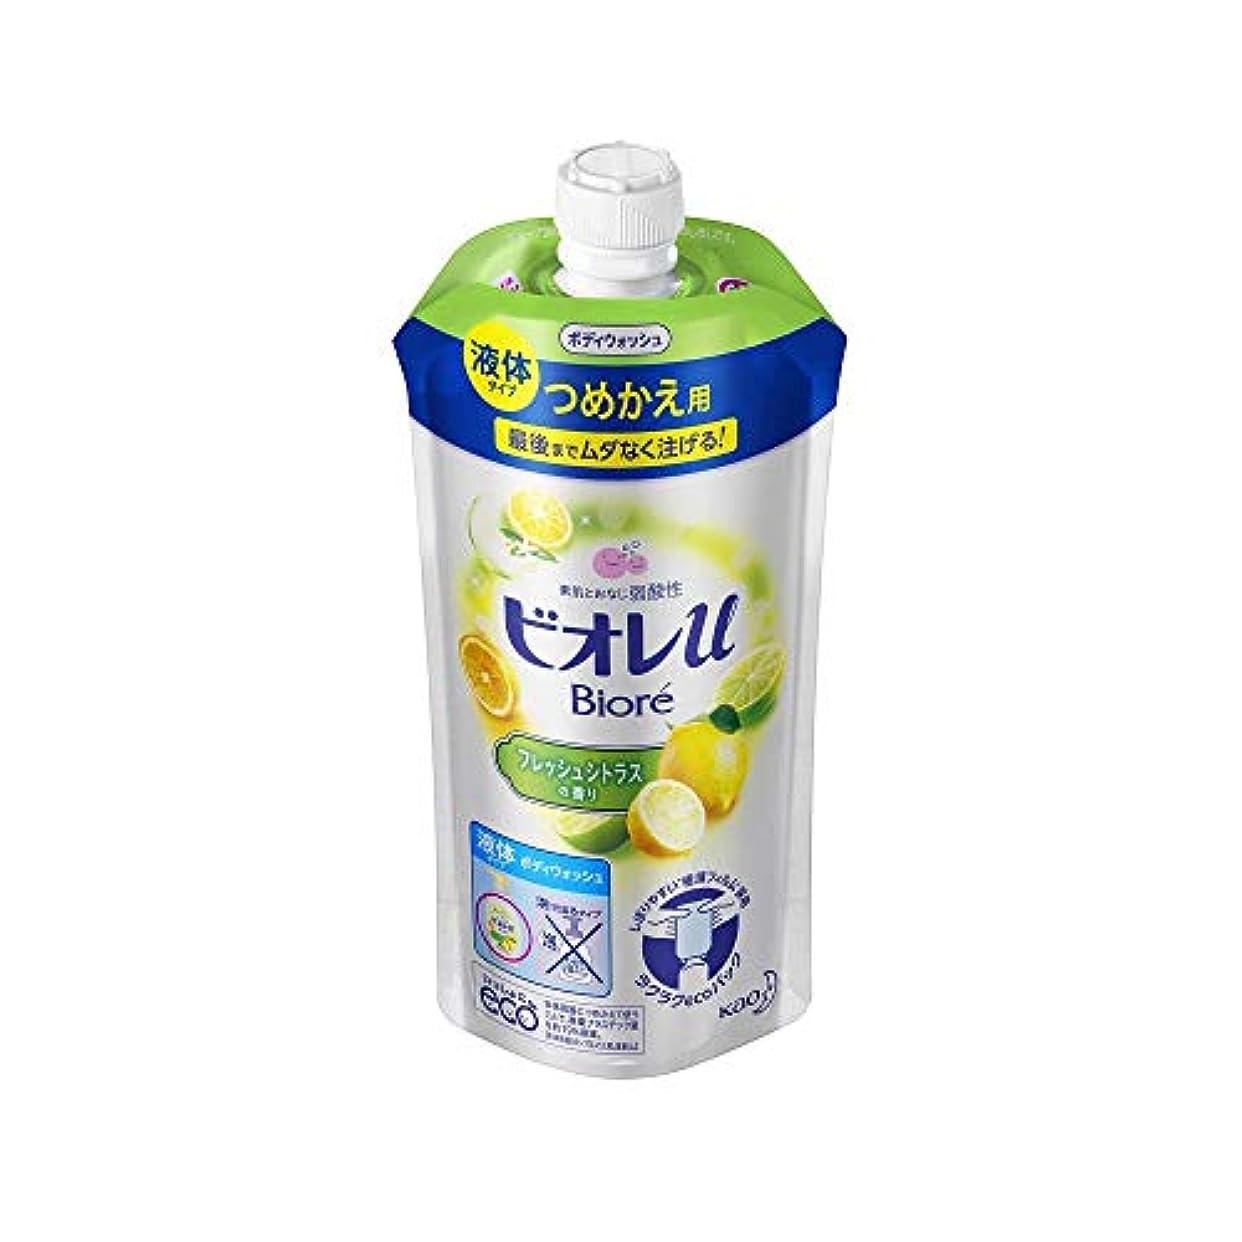 撤回する意識的揺れる花王 ビオレu フレッシュシトラスの香りつめかえ用 340ML